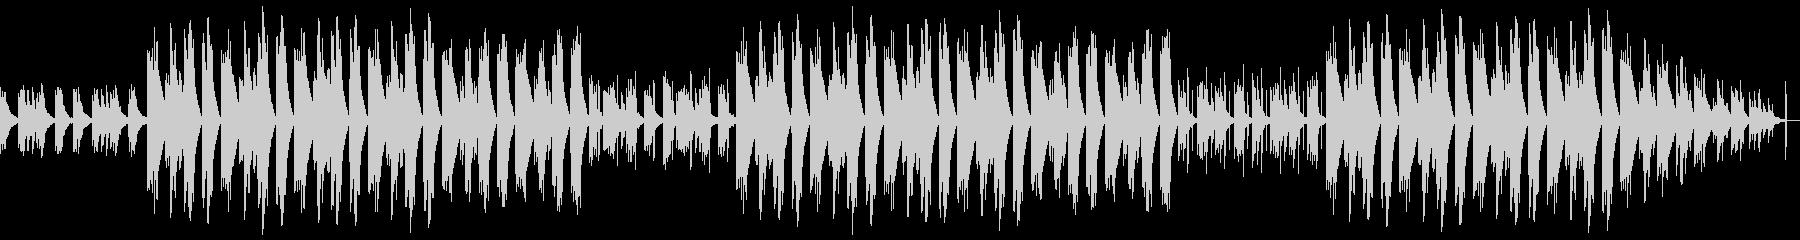 ゆったり眠くなるチルヒップホップBGMの未再生の波形